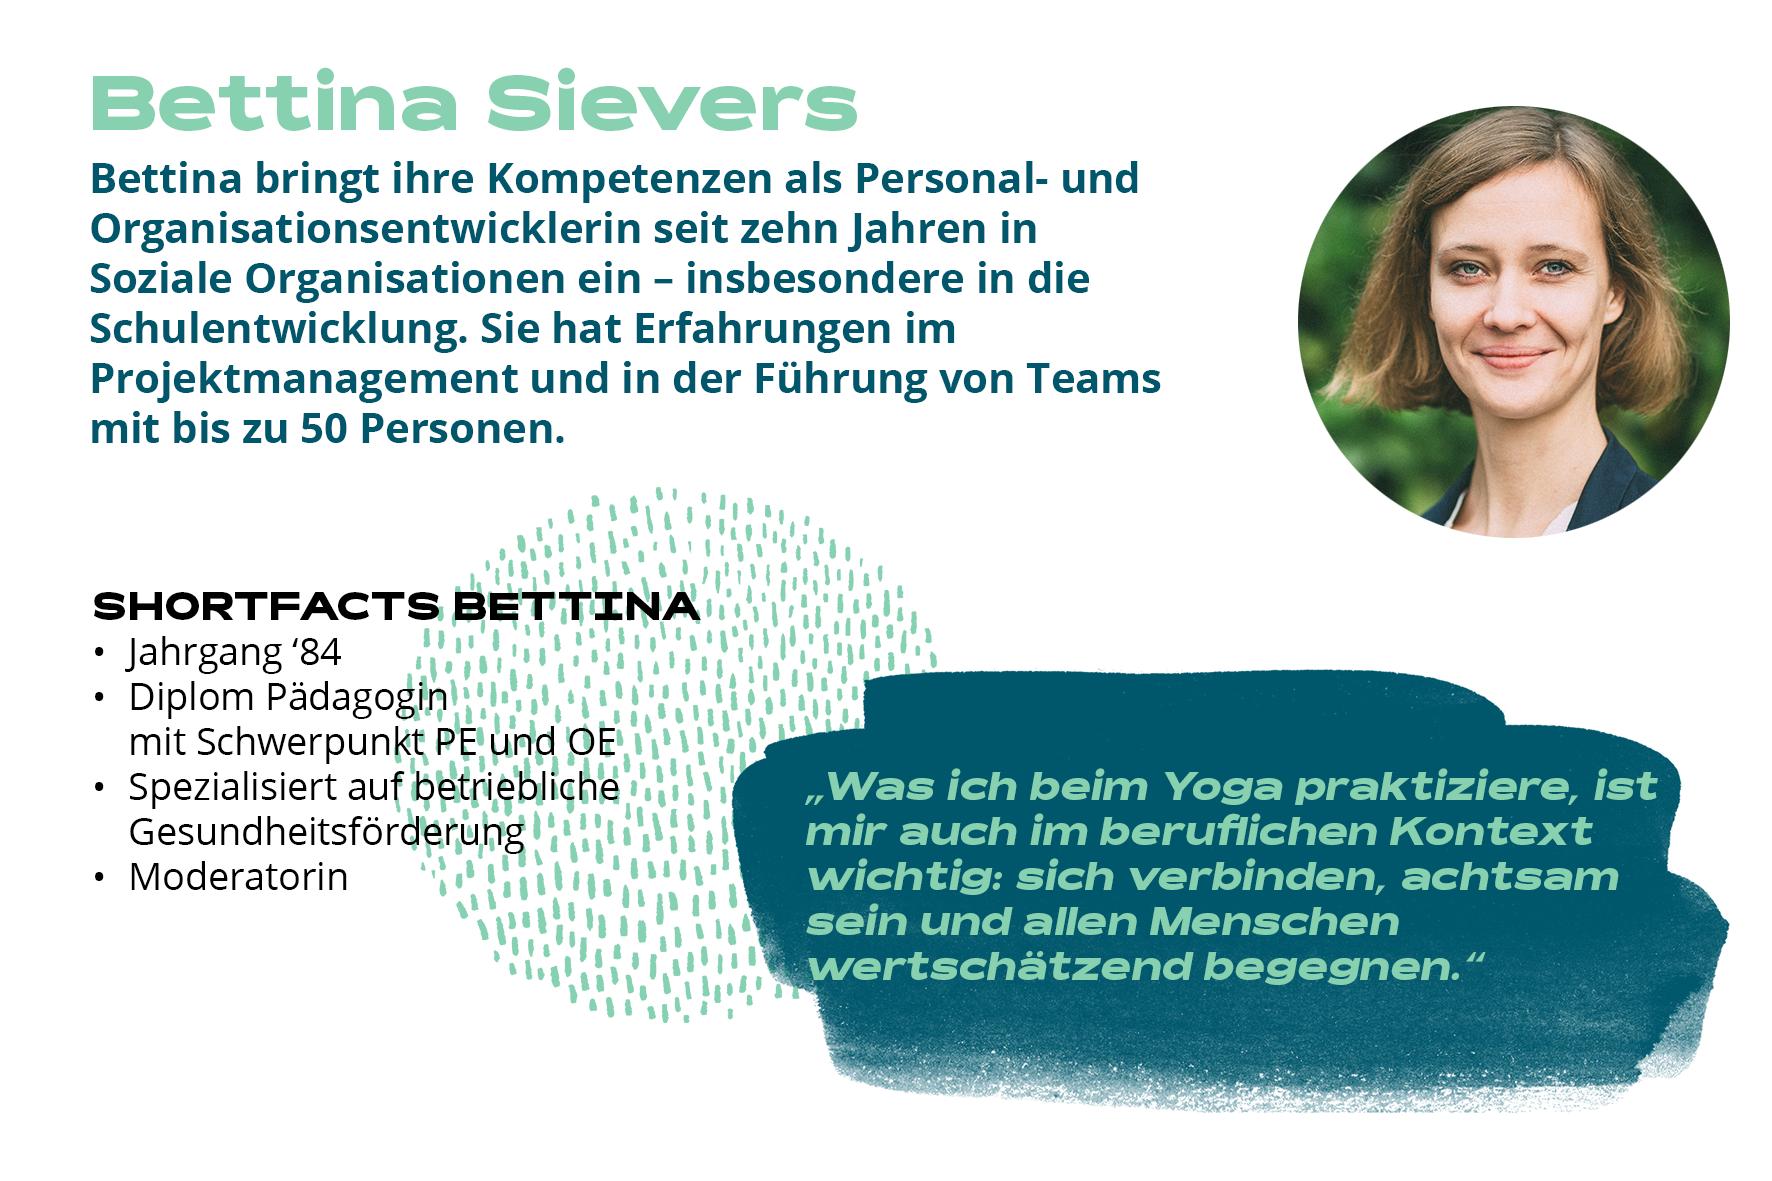 Bettina Sievers